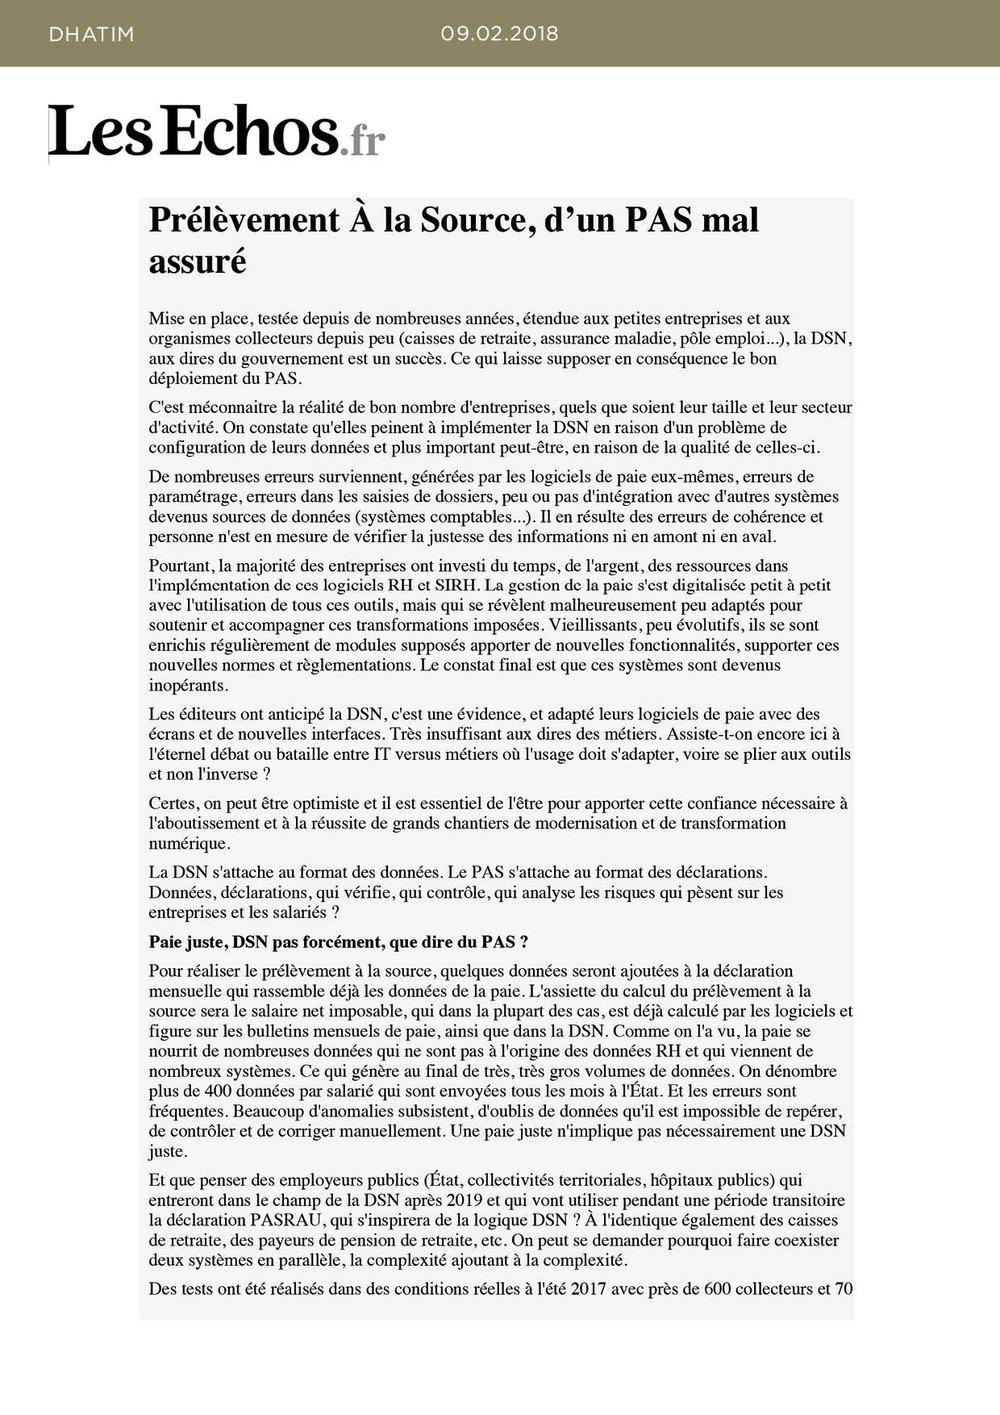 BOOKMEDIA_FEV_WEB44.jpg